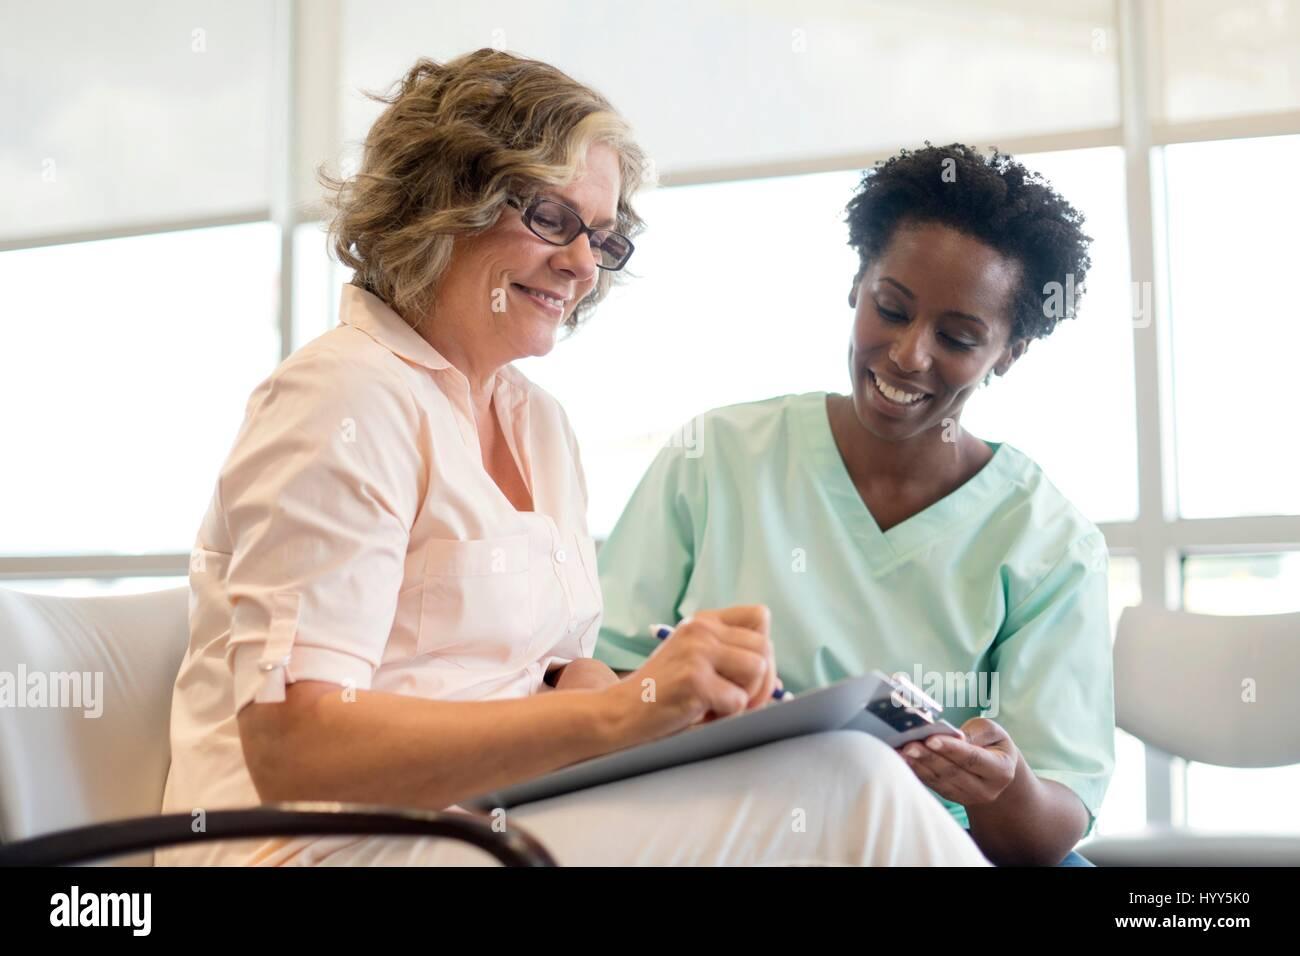 Donna matura la compilazione con l'infermiera, sorridente. Immagini Stock